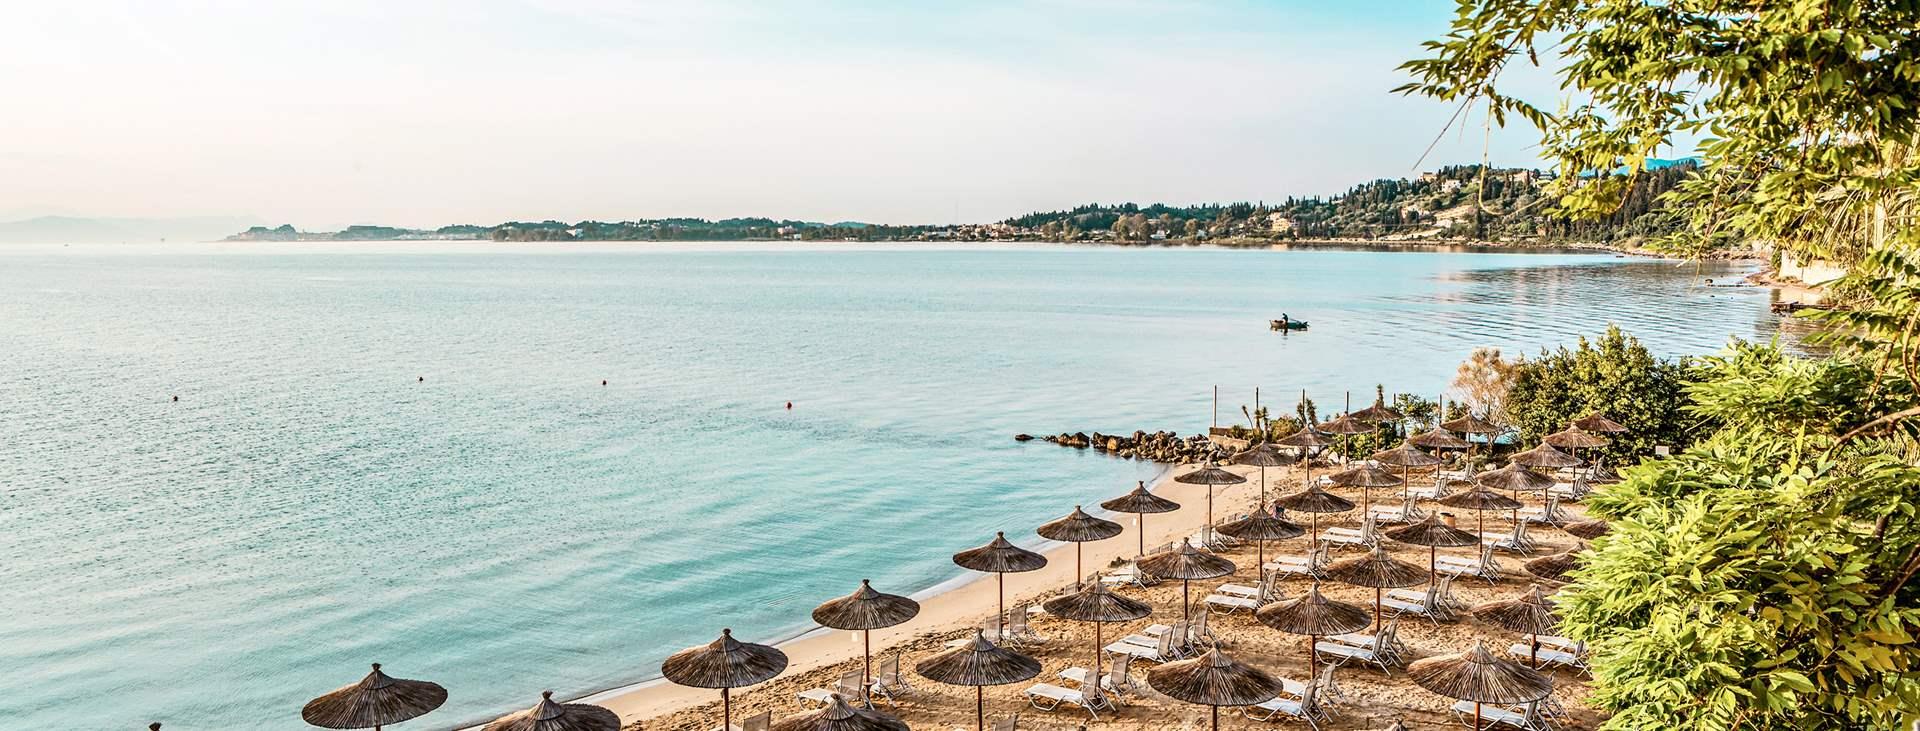 Boka din resa till Gouvia på Korfu med Ving